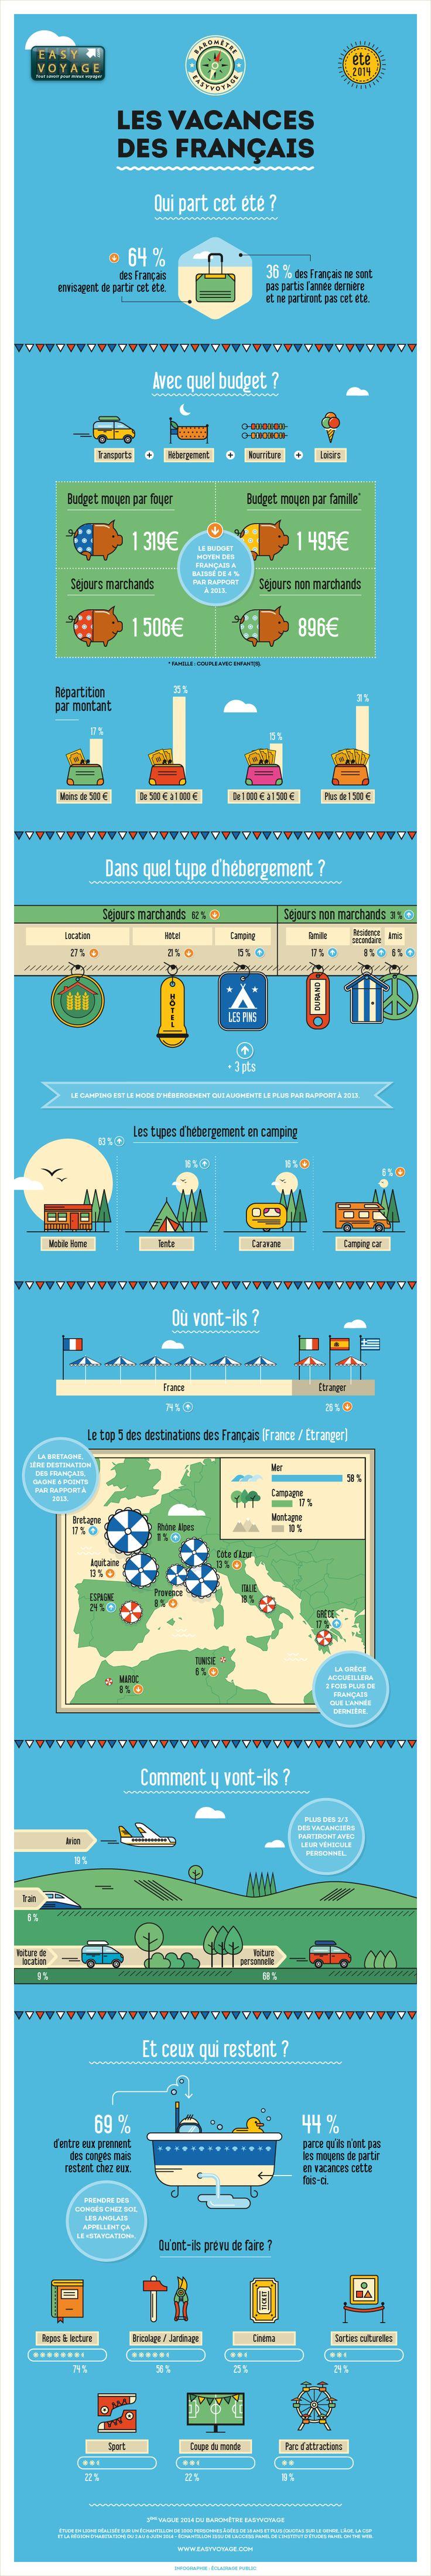 infographie - barometre easyvoyage - les vacances des français - ÉCLAIRAGE PUBLIC